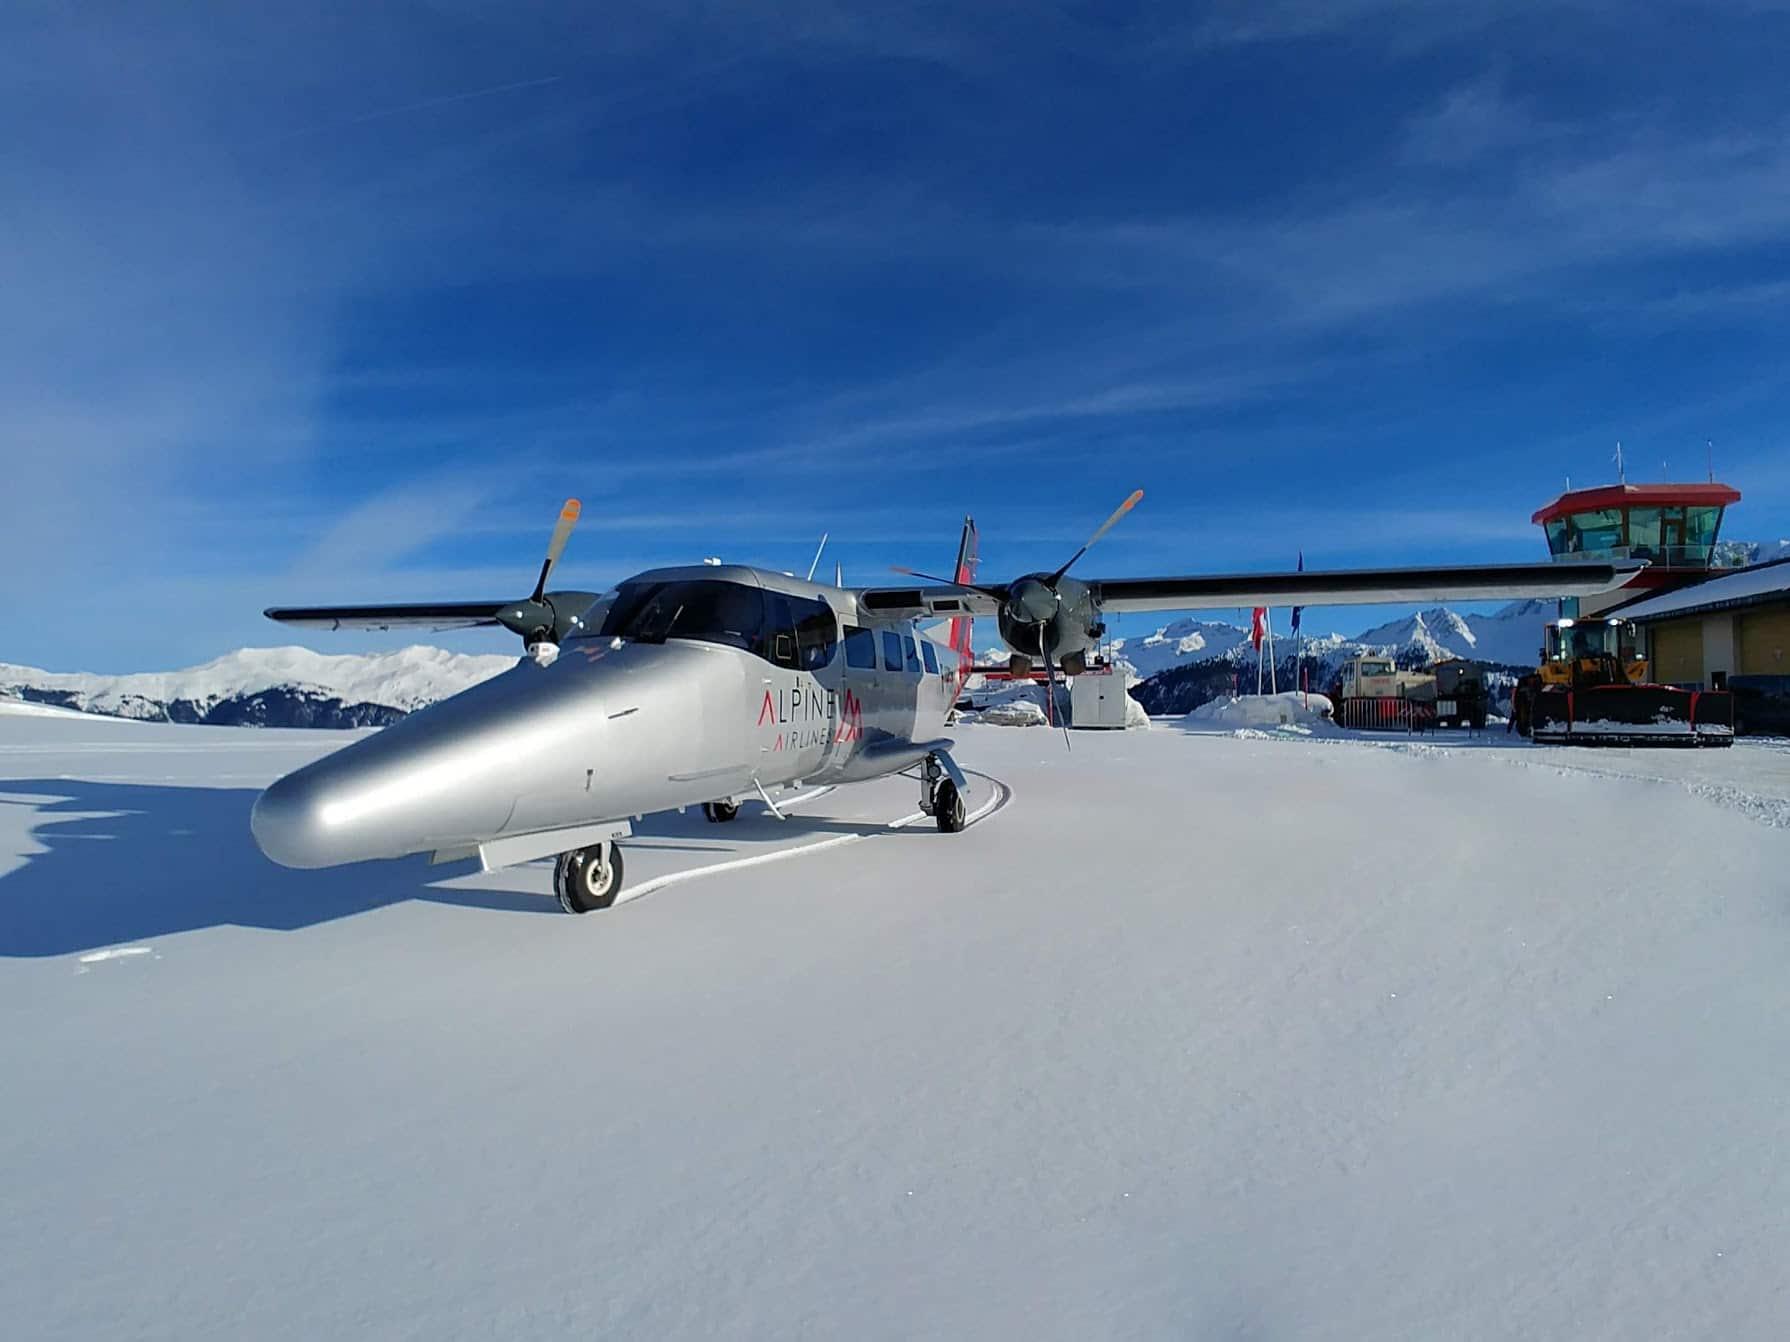 vulcanair aviator sur la piste de courchevel